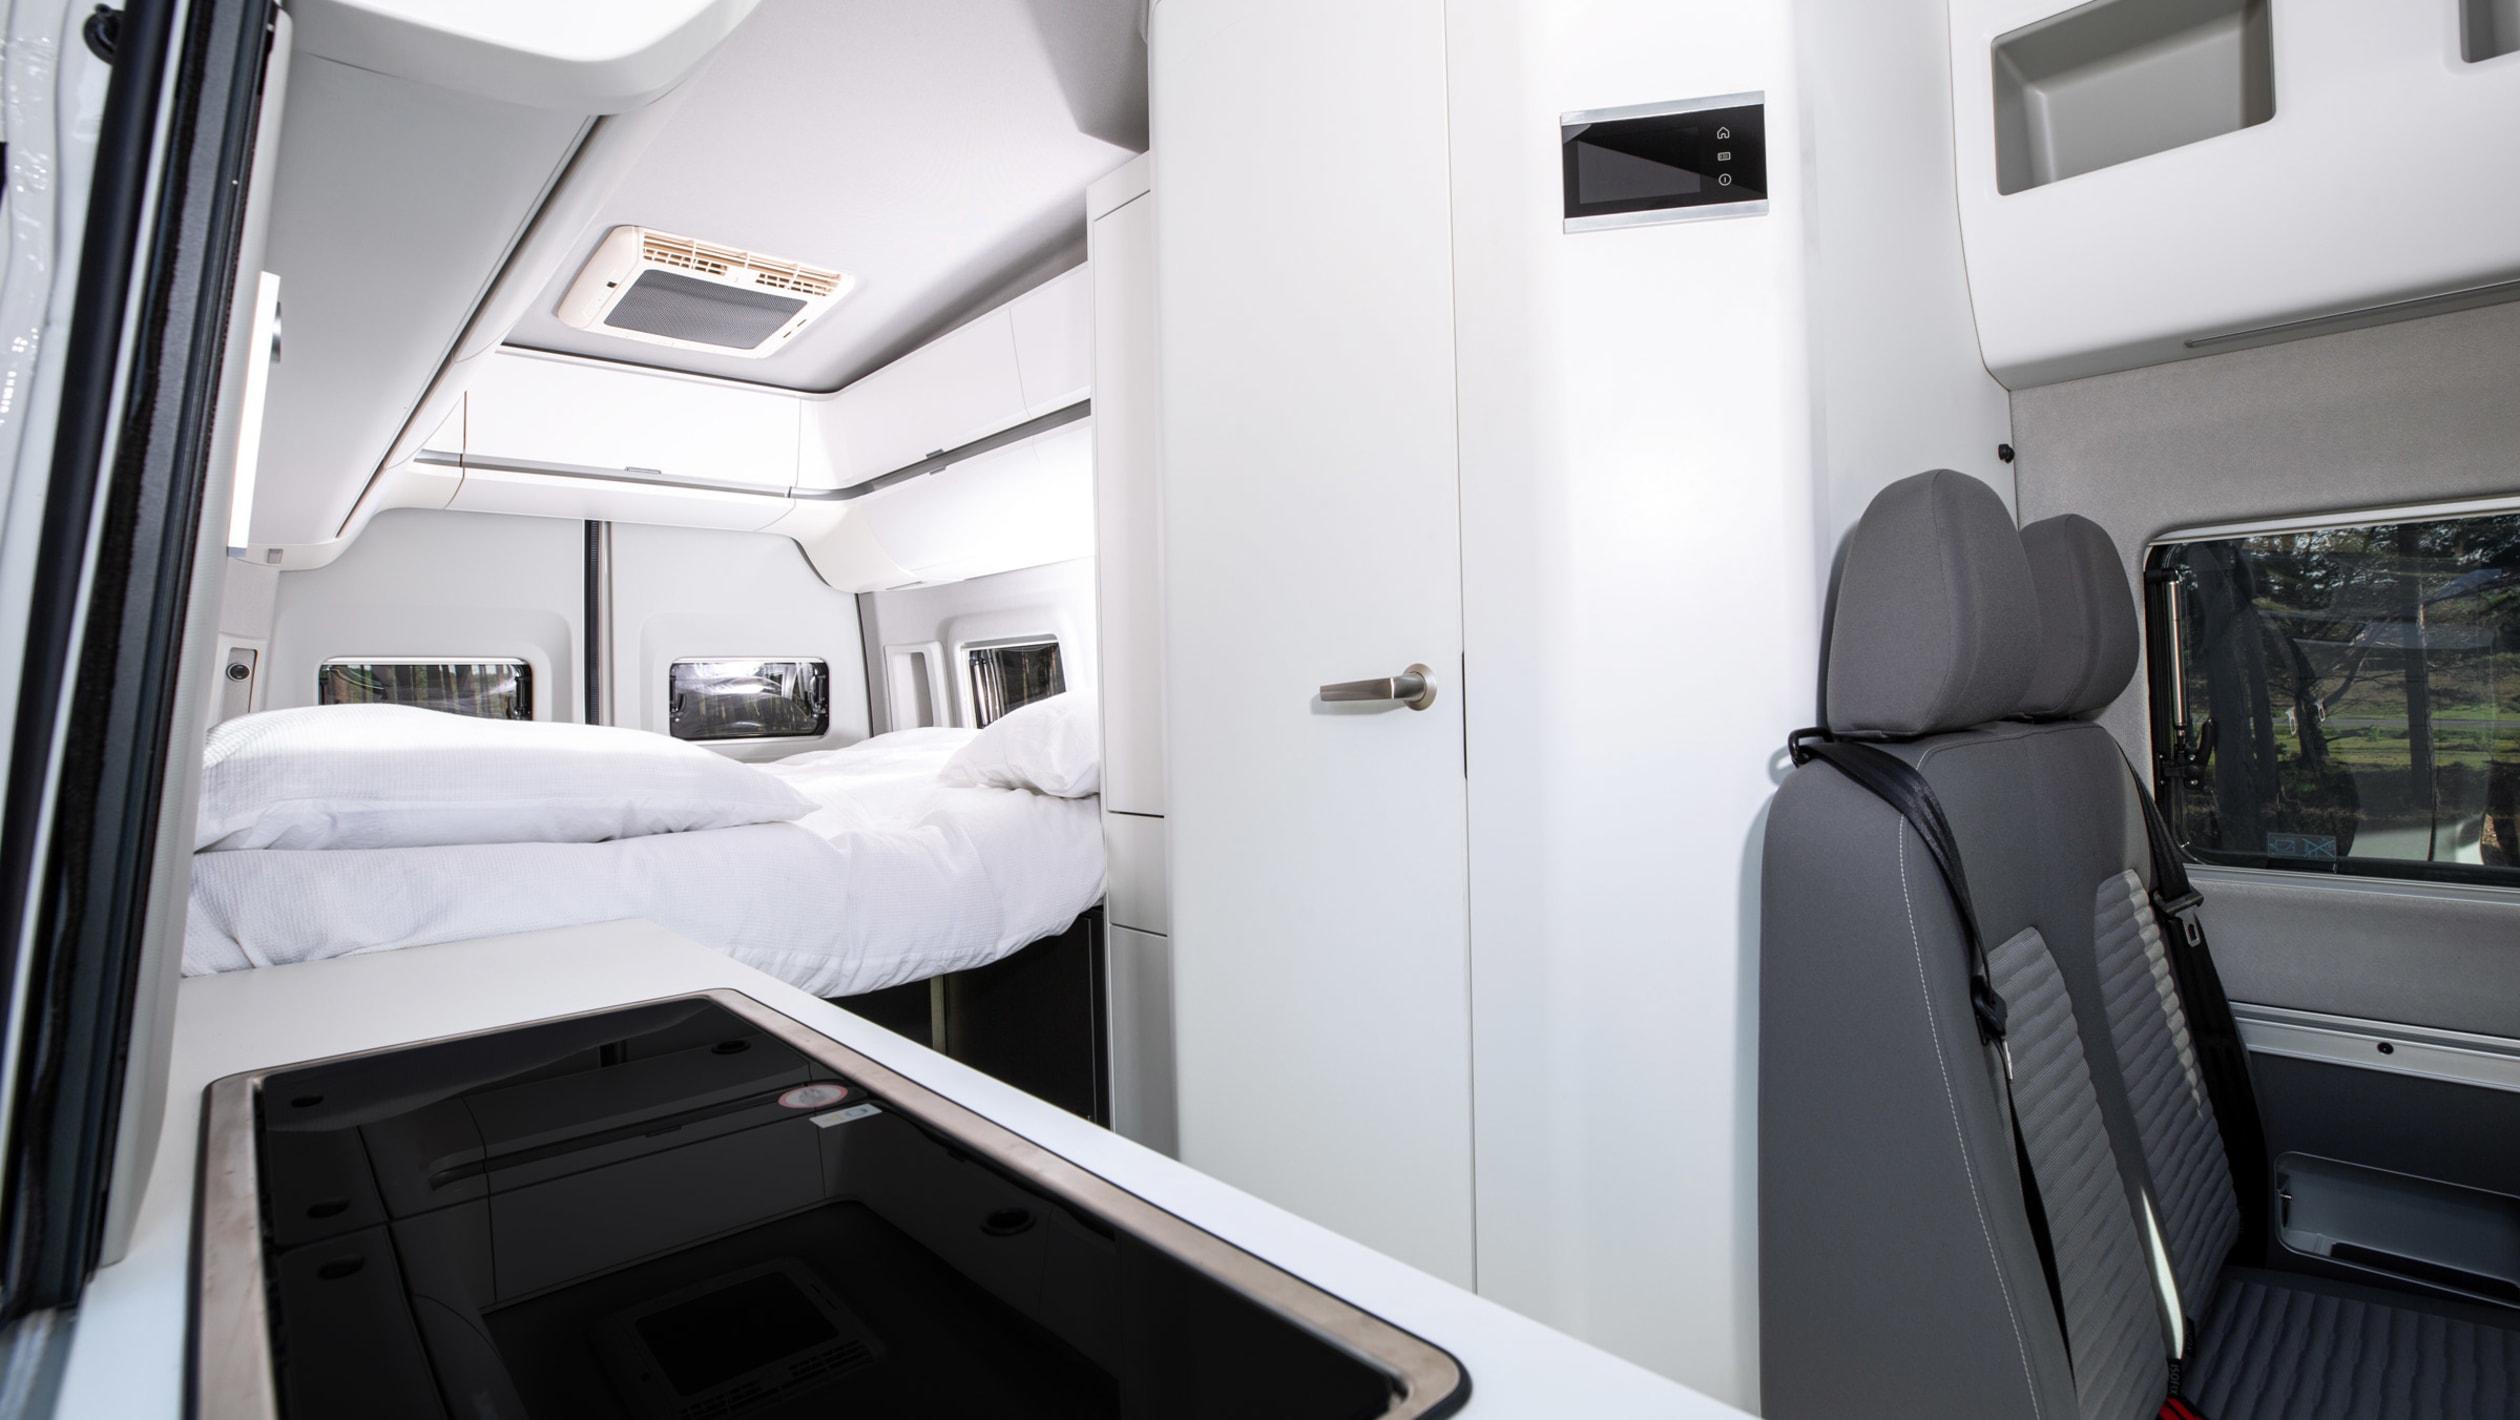 2020-volkswagen-grand-california-680-17